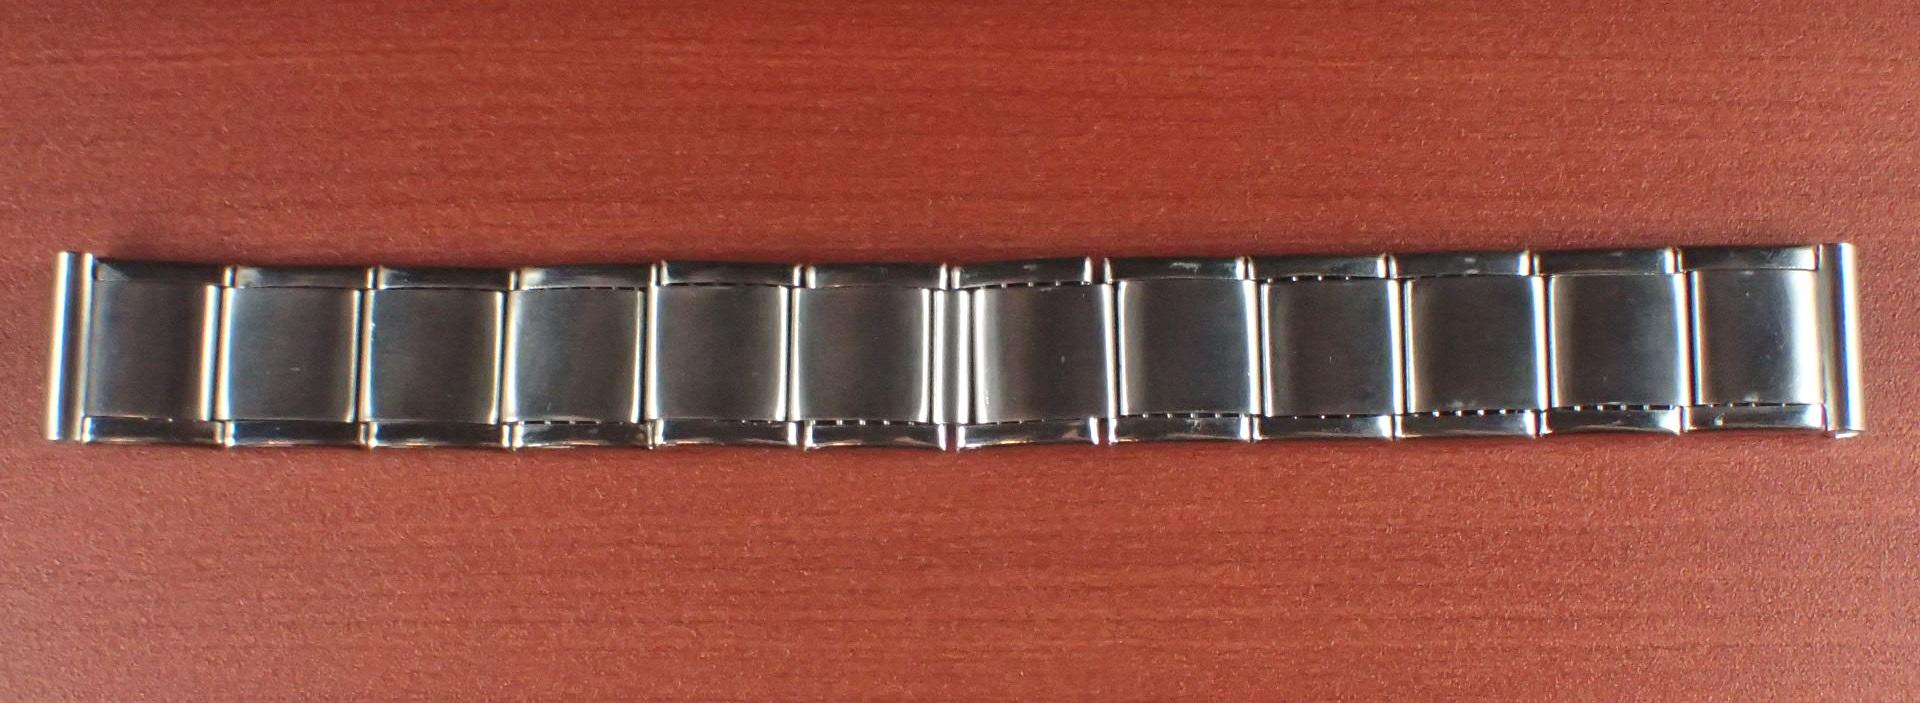 ミドー エクステンションブレスレット NOS 取付幅16mm SS 1950年代